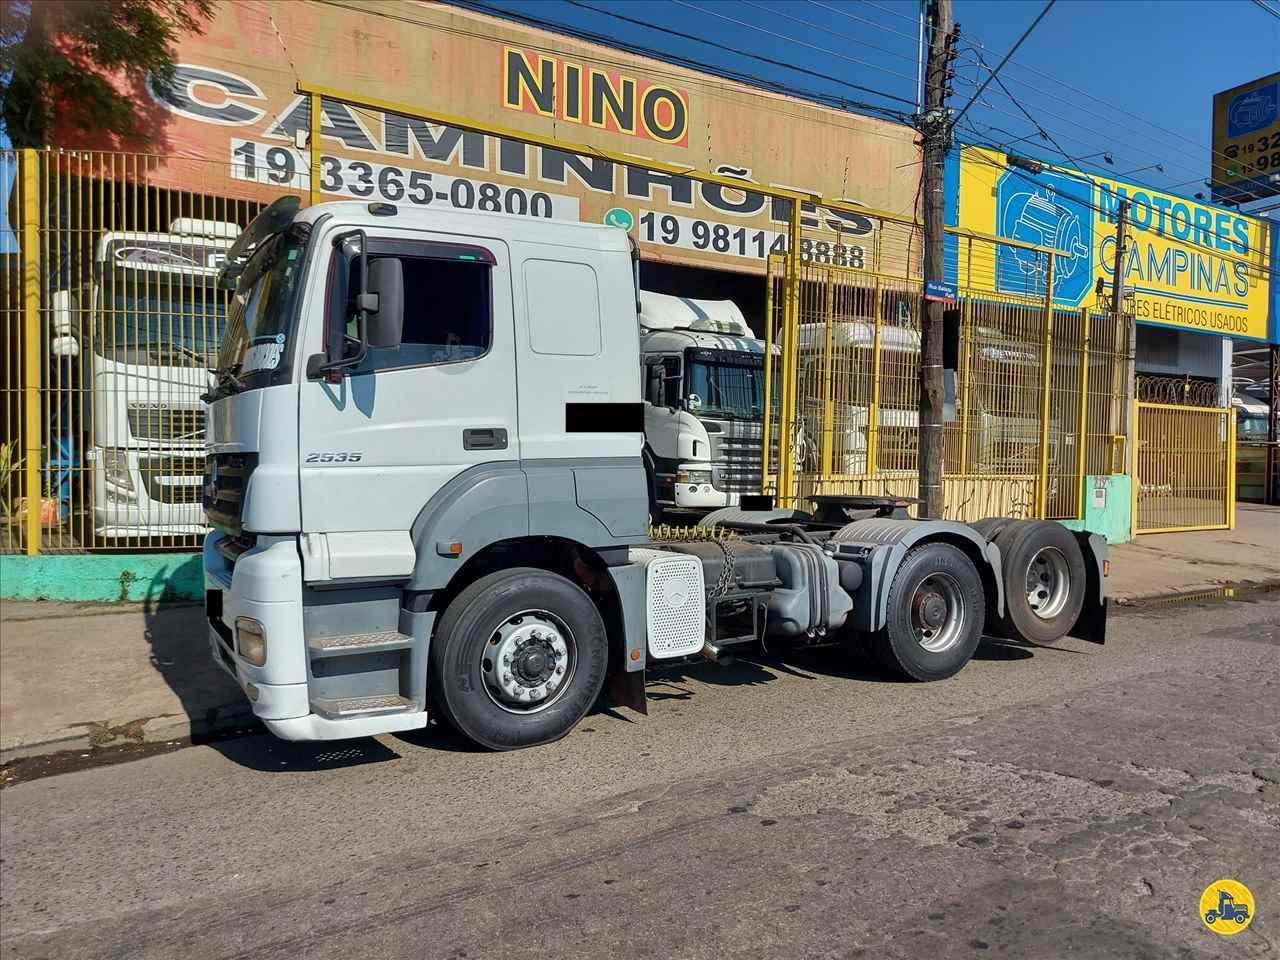 CAMINHAO MERCEDES-BENZ MB 2535 Cavalo Mecânico Truck 6x2 Nino Caminhões CAMPINAS SÃO PAULO SP